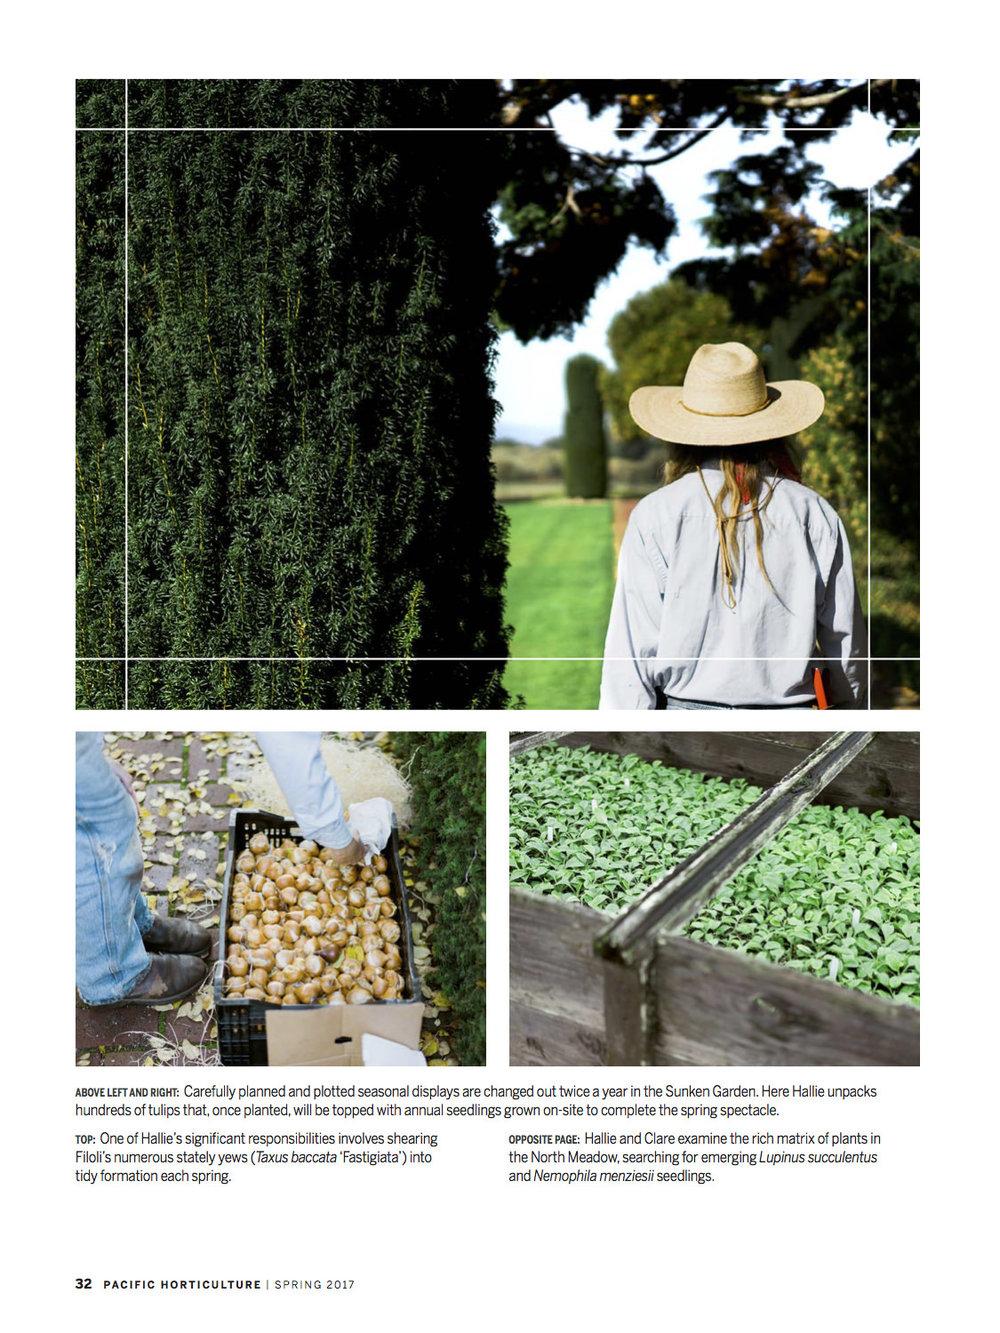 Filoli Working Gardener2.jpg